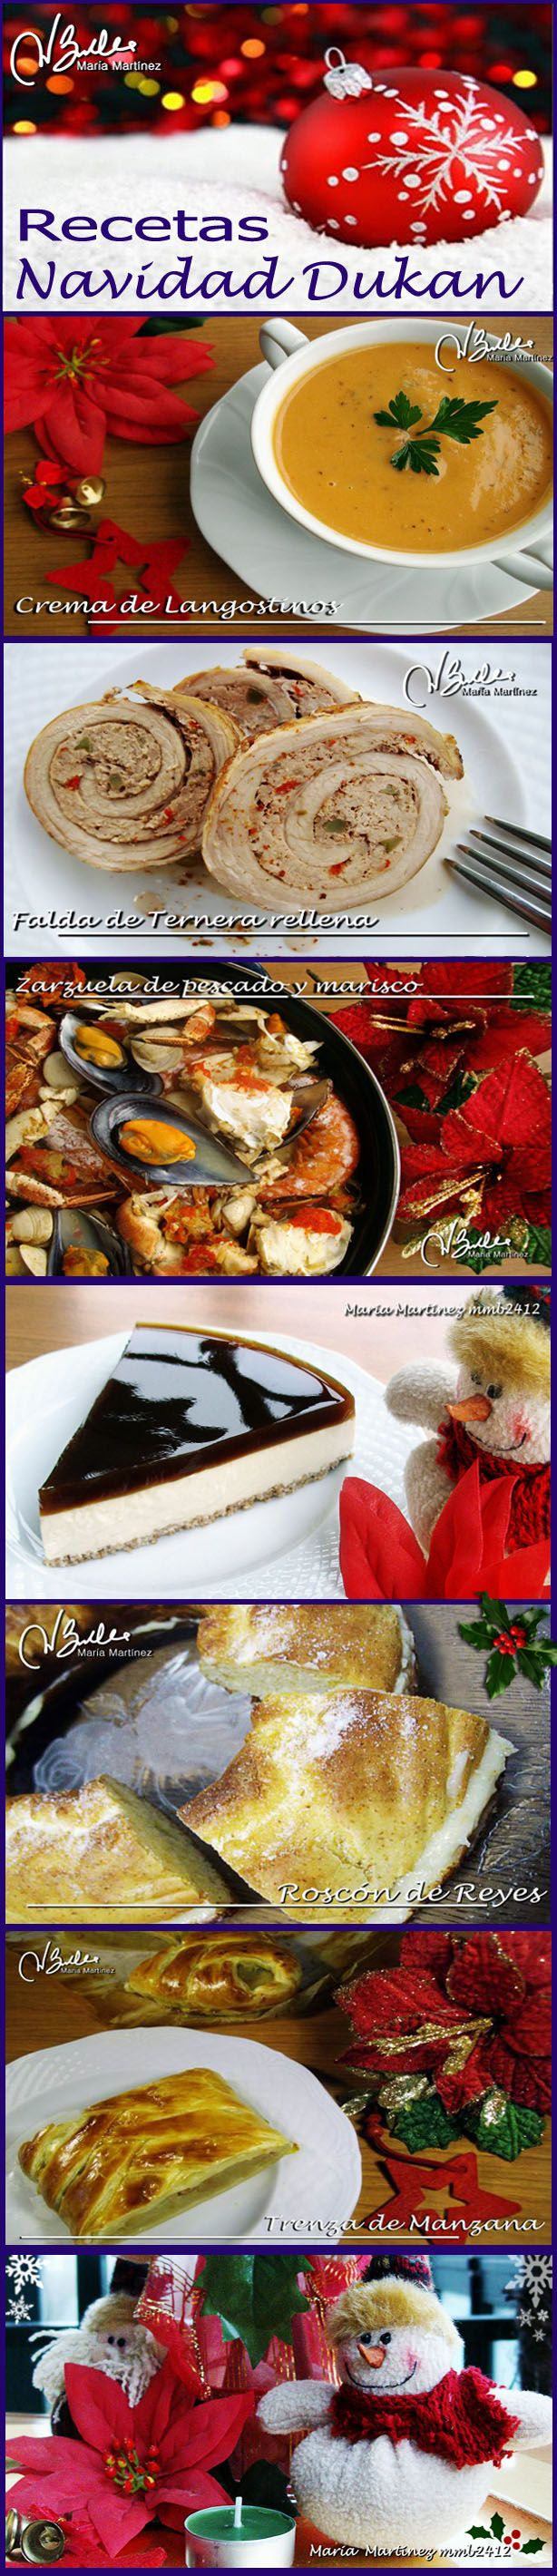 {Navidades Dukan} Recetas deliciosas para adelgazar también en Navidad  http://recetasdukanmariamartinez.com/category/8-navidad-dukan/